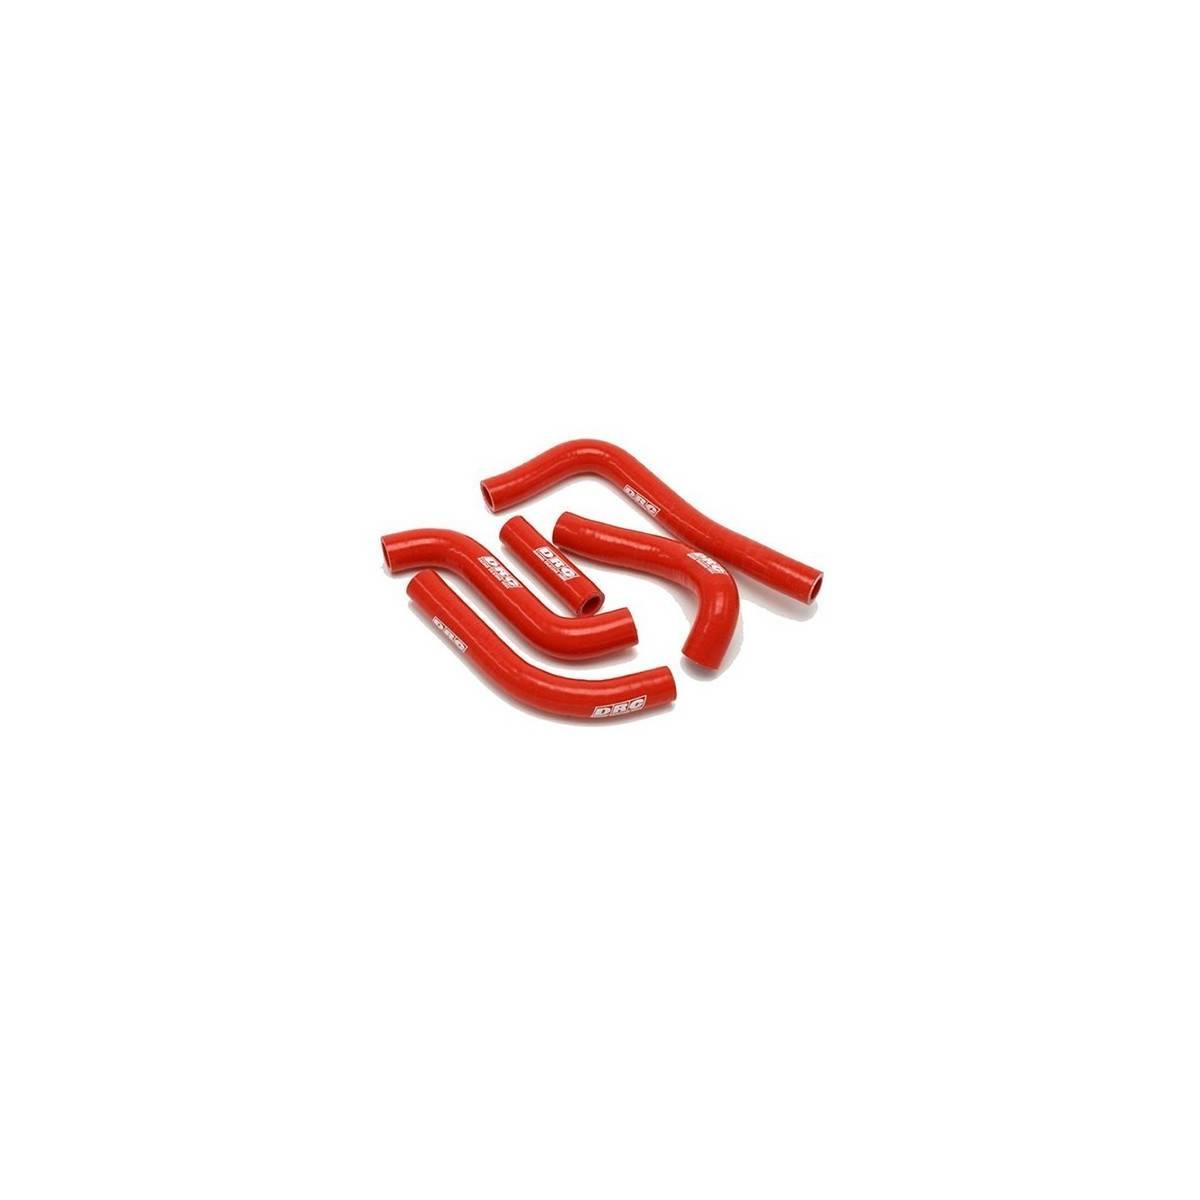 D47.01.163 - Kit Manguitos Radiador Honda Crf450X ´05 Rojo